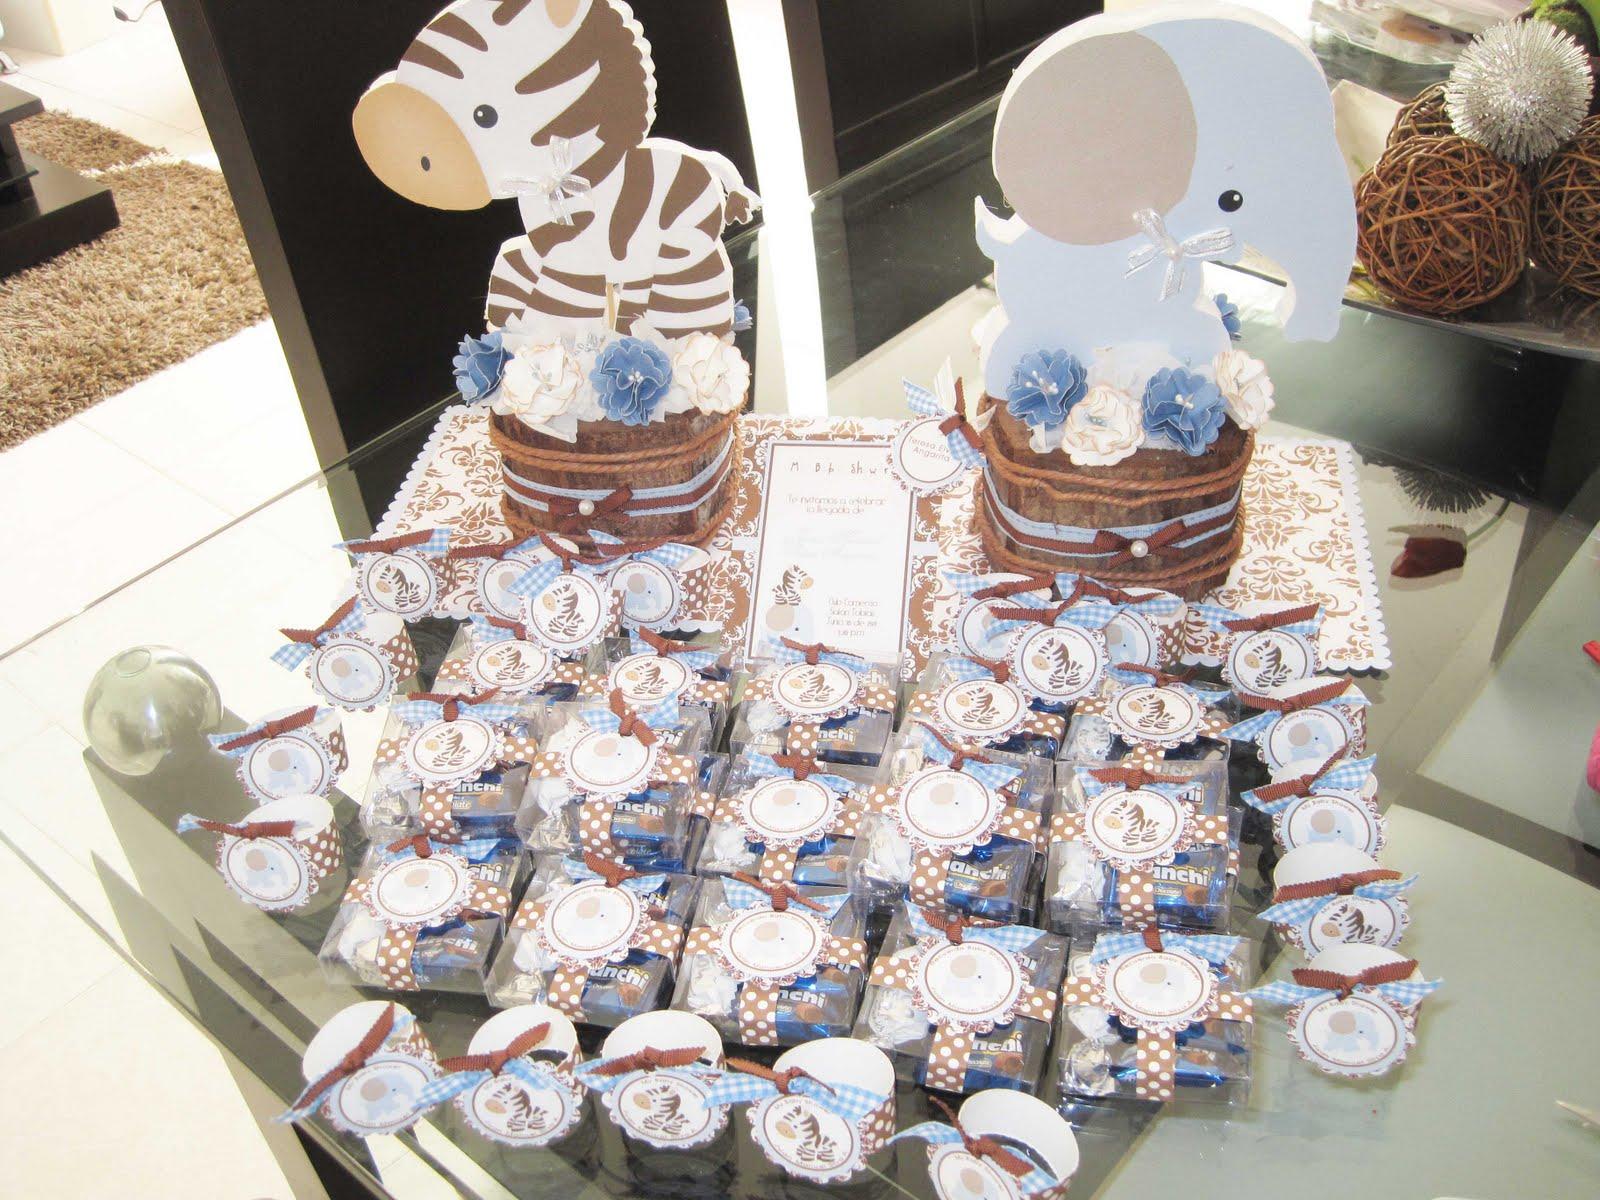 Moms angels decoracion y recordatorios baby shower ni o - Adornos baby shower nino ...